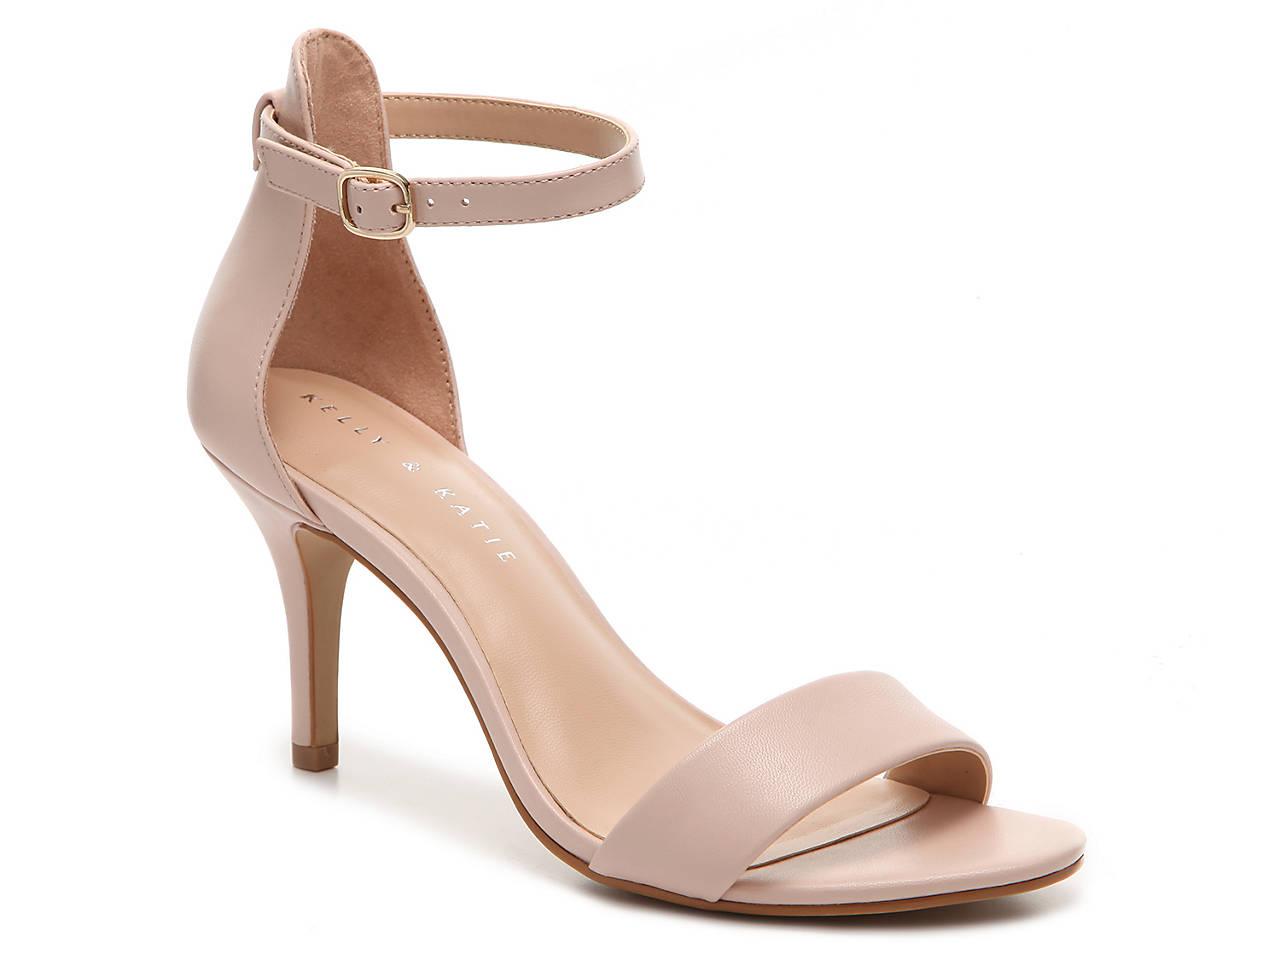 Women's Dress Sandals | DSW